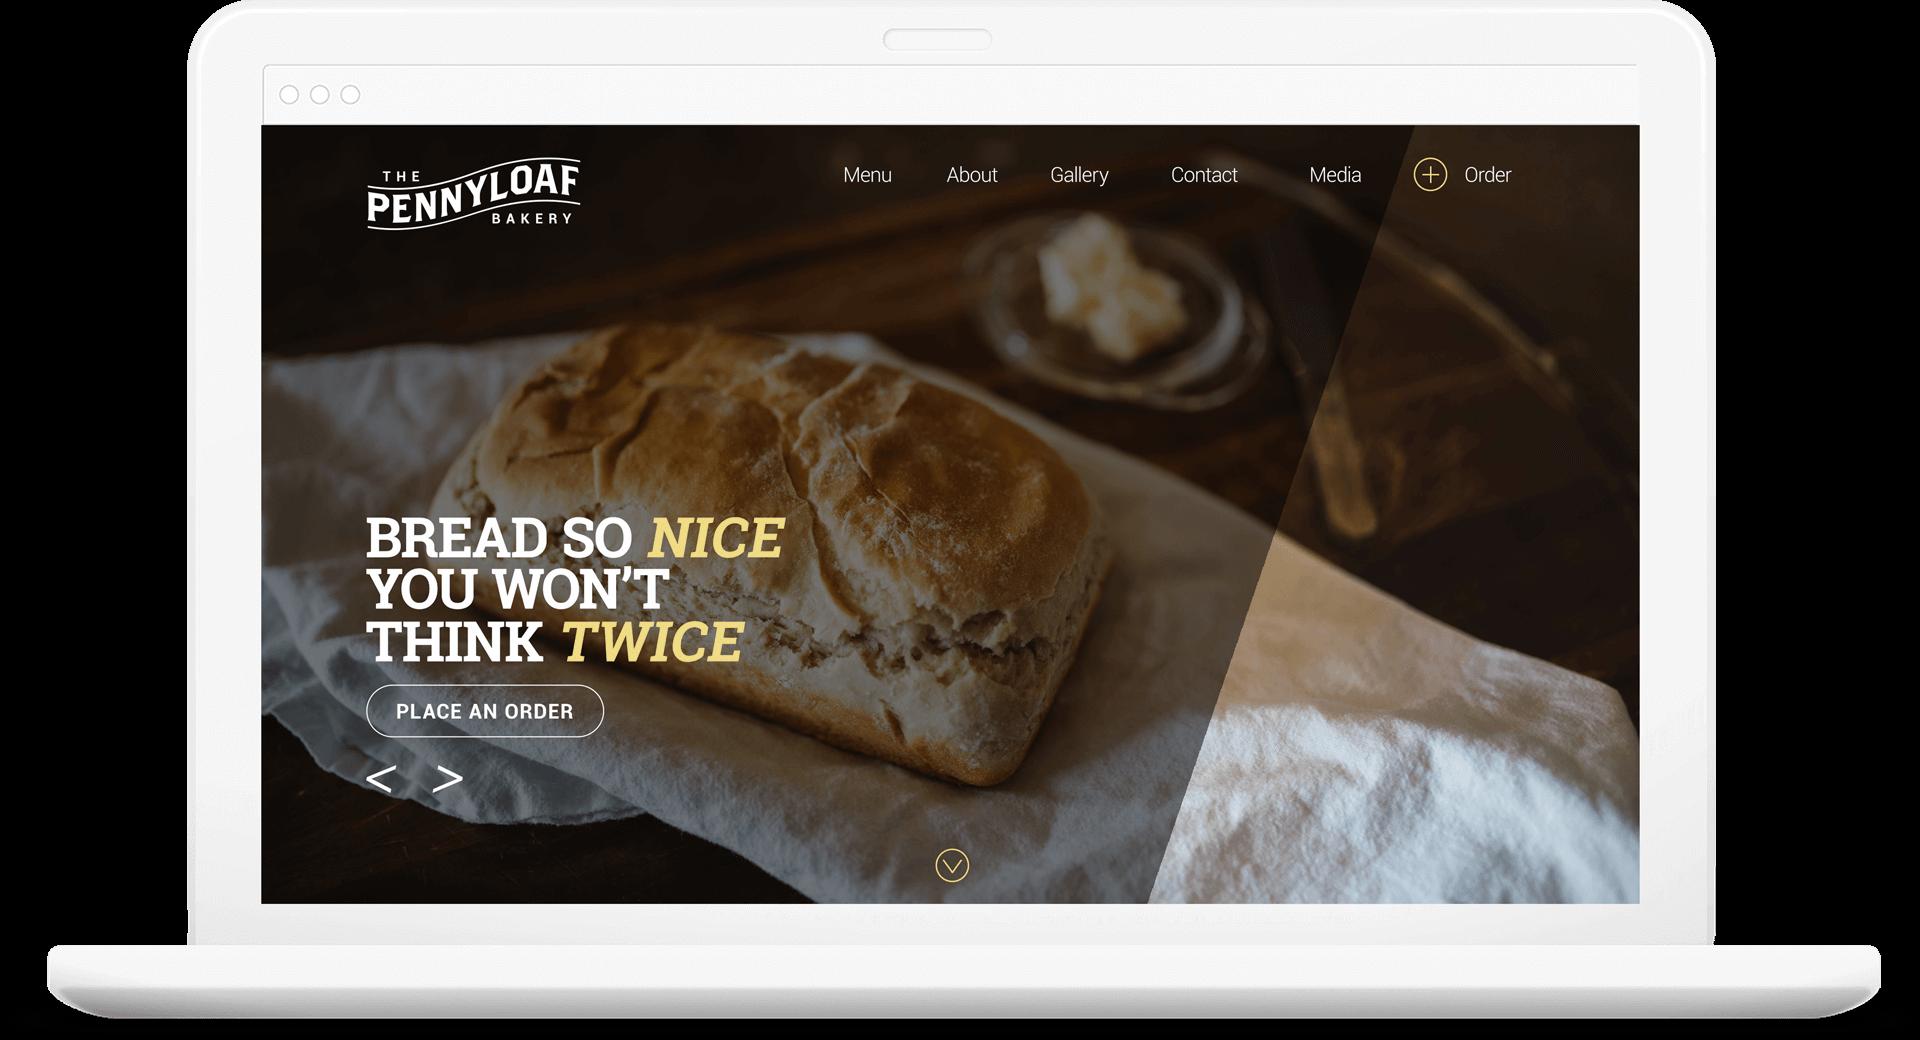 Pennyloaf website redesign